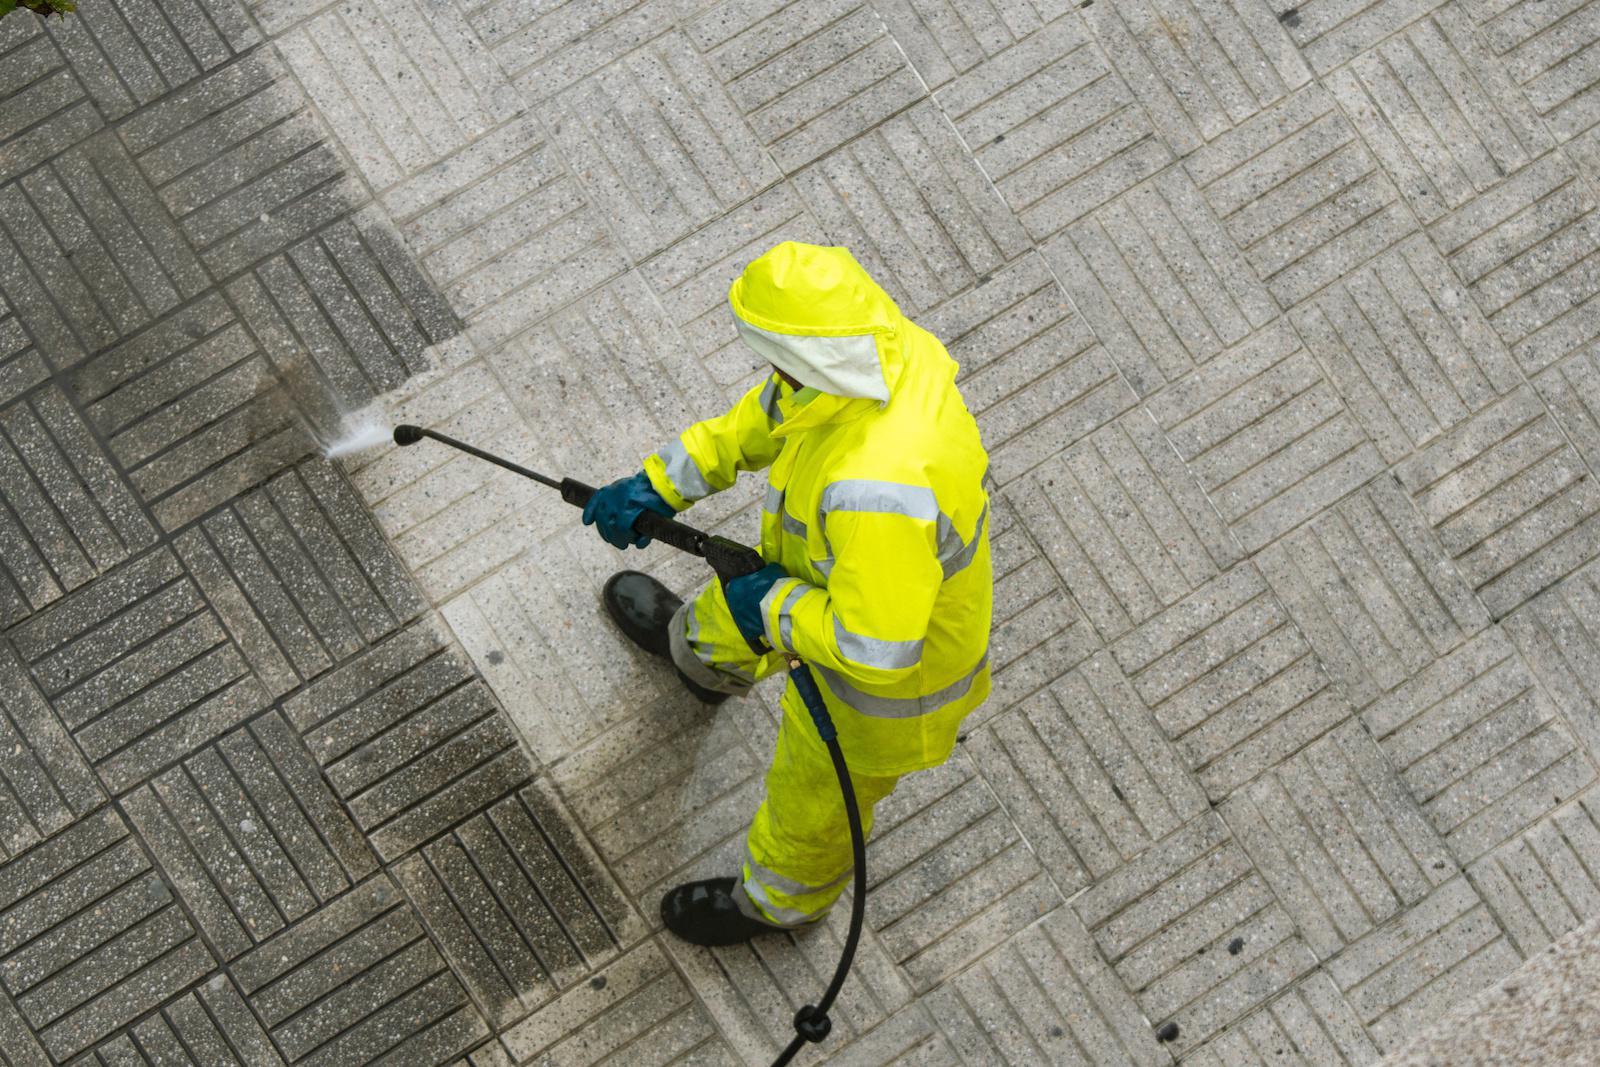 下雨天,一名工人正在用高压水枪清洗街道人行道